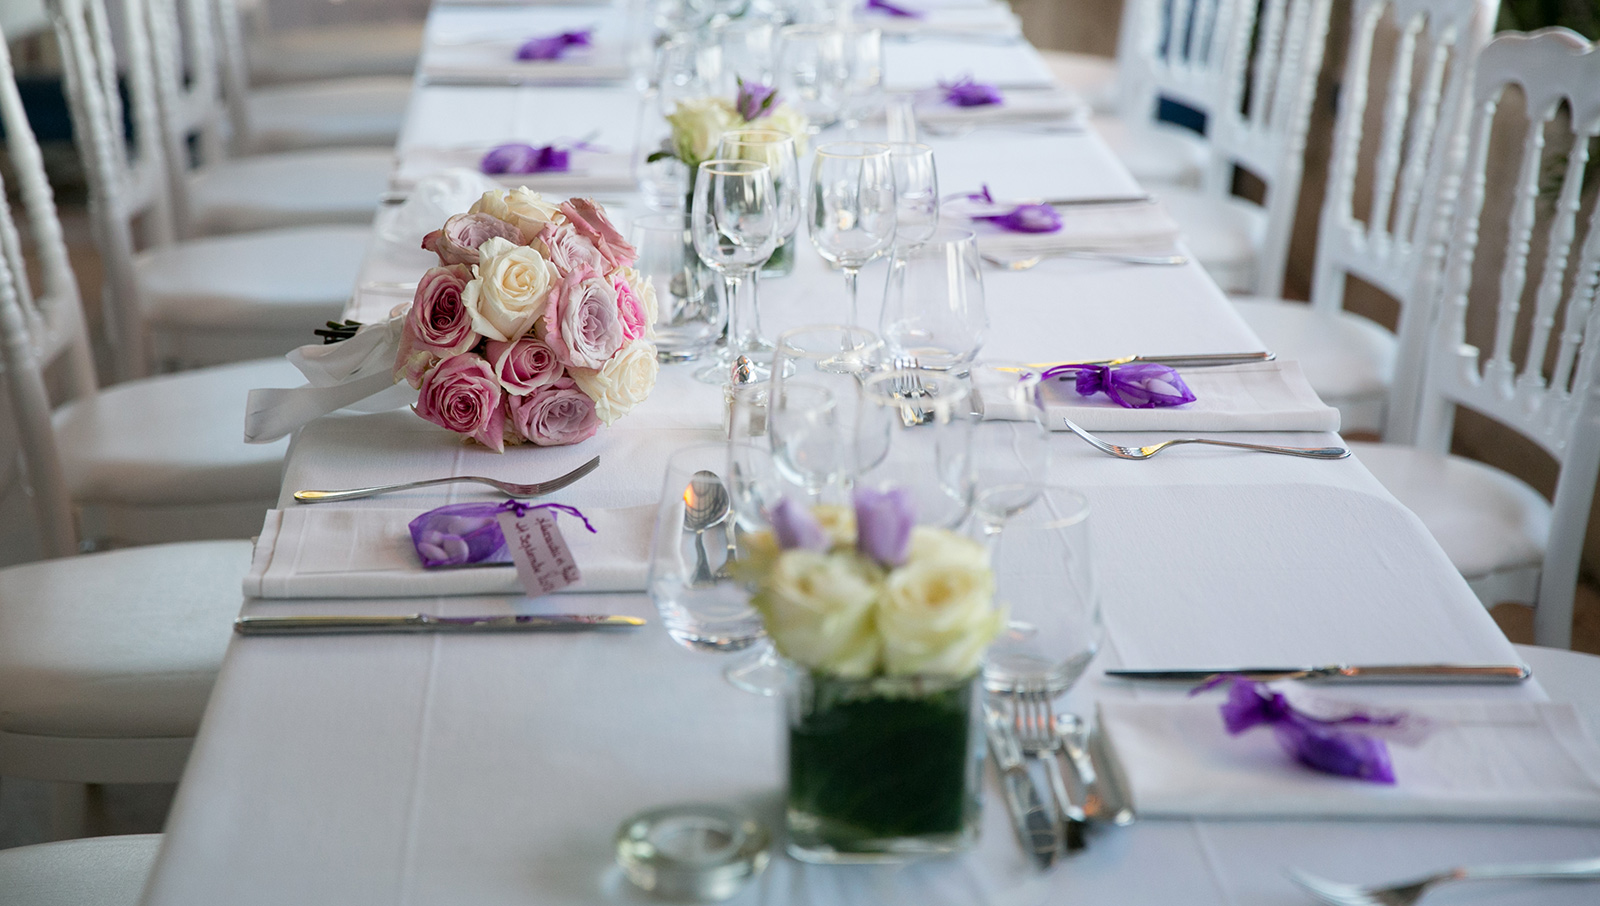 Id et photo d coration mariage decoration salle mariage luxe idee decora - Idee deco salle mariage ...